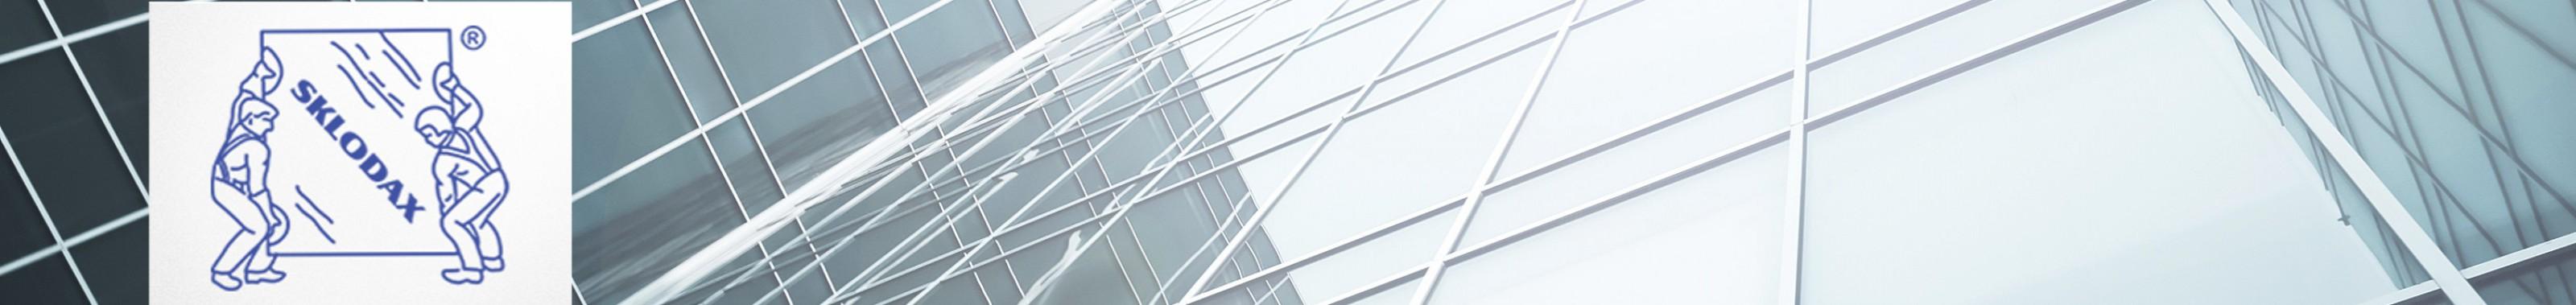 Sklenárstvo, služby a výrobky zo skla   SKLODAX Bratislava